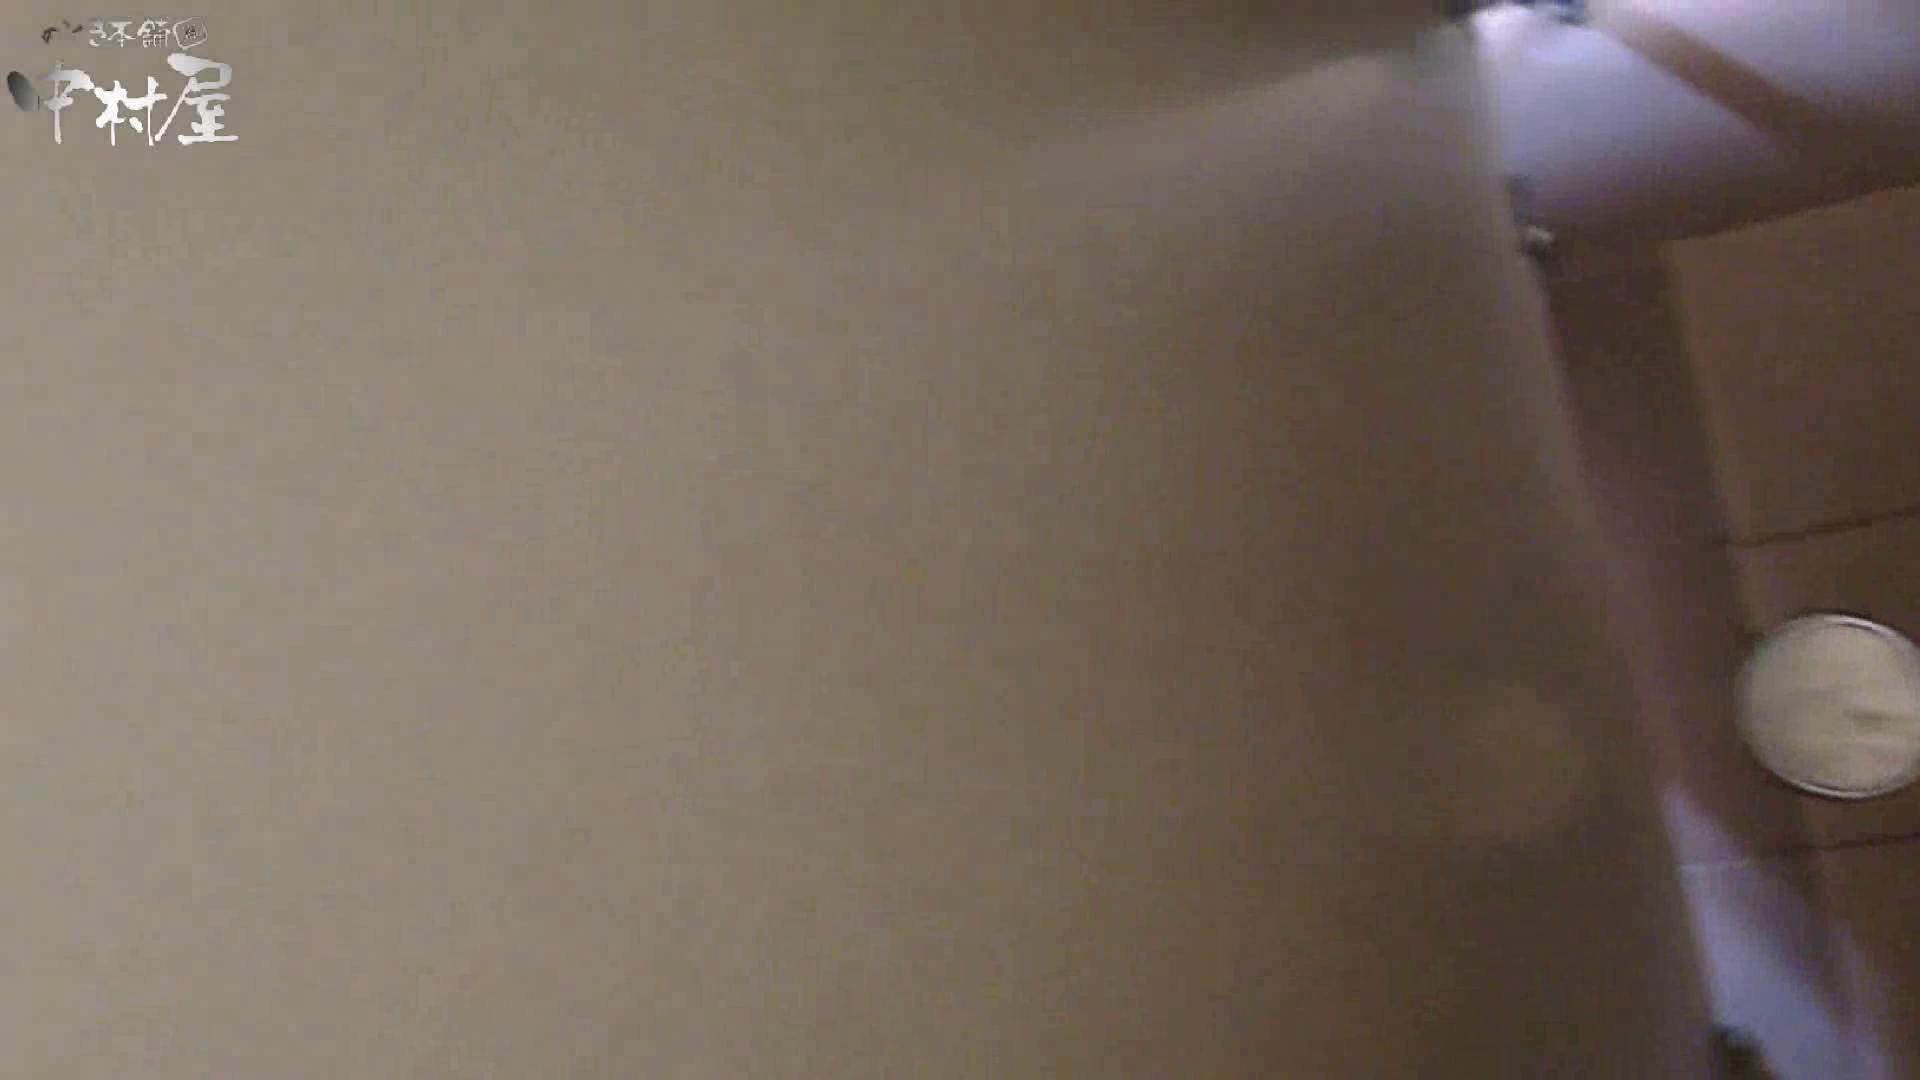 部活女子トイレ潜入編vol.5 盗撮師作品 セックス画像 107pic 43